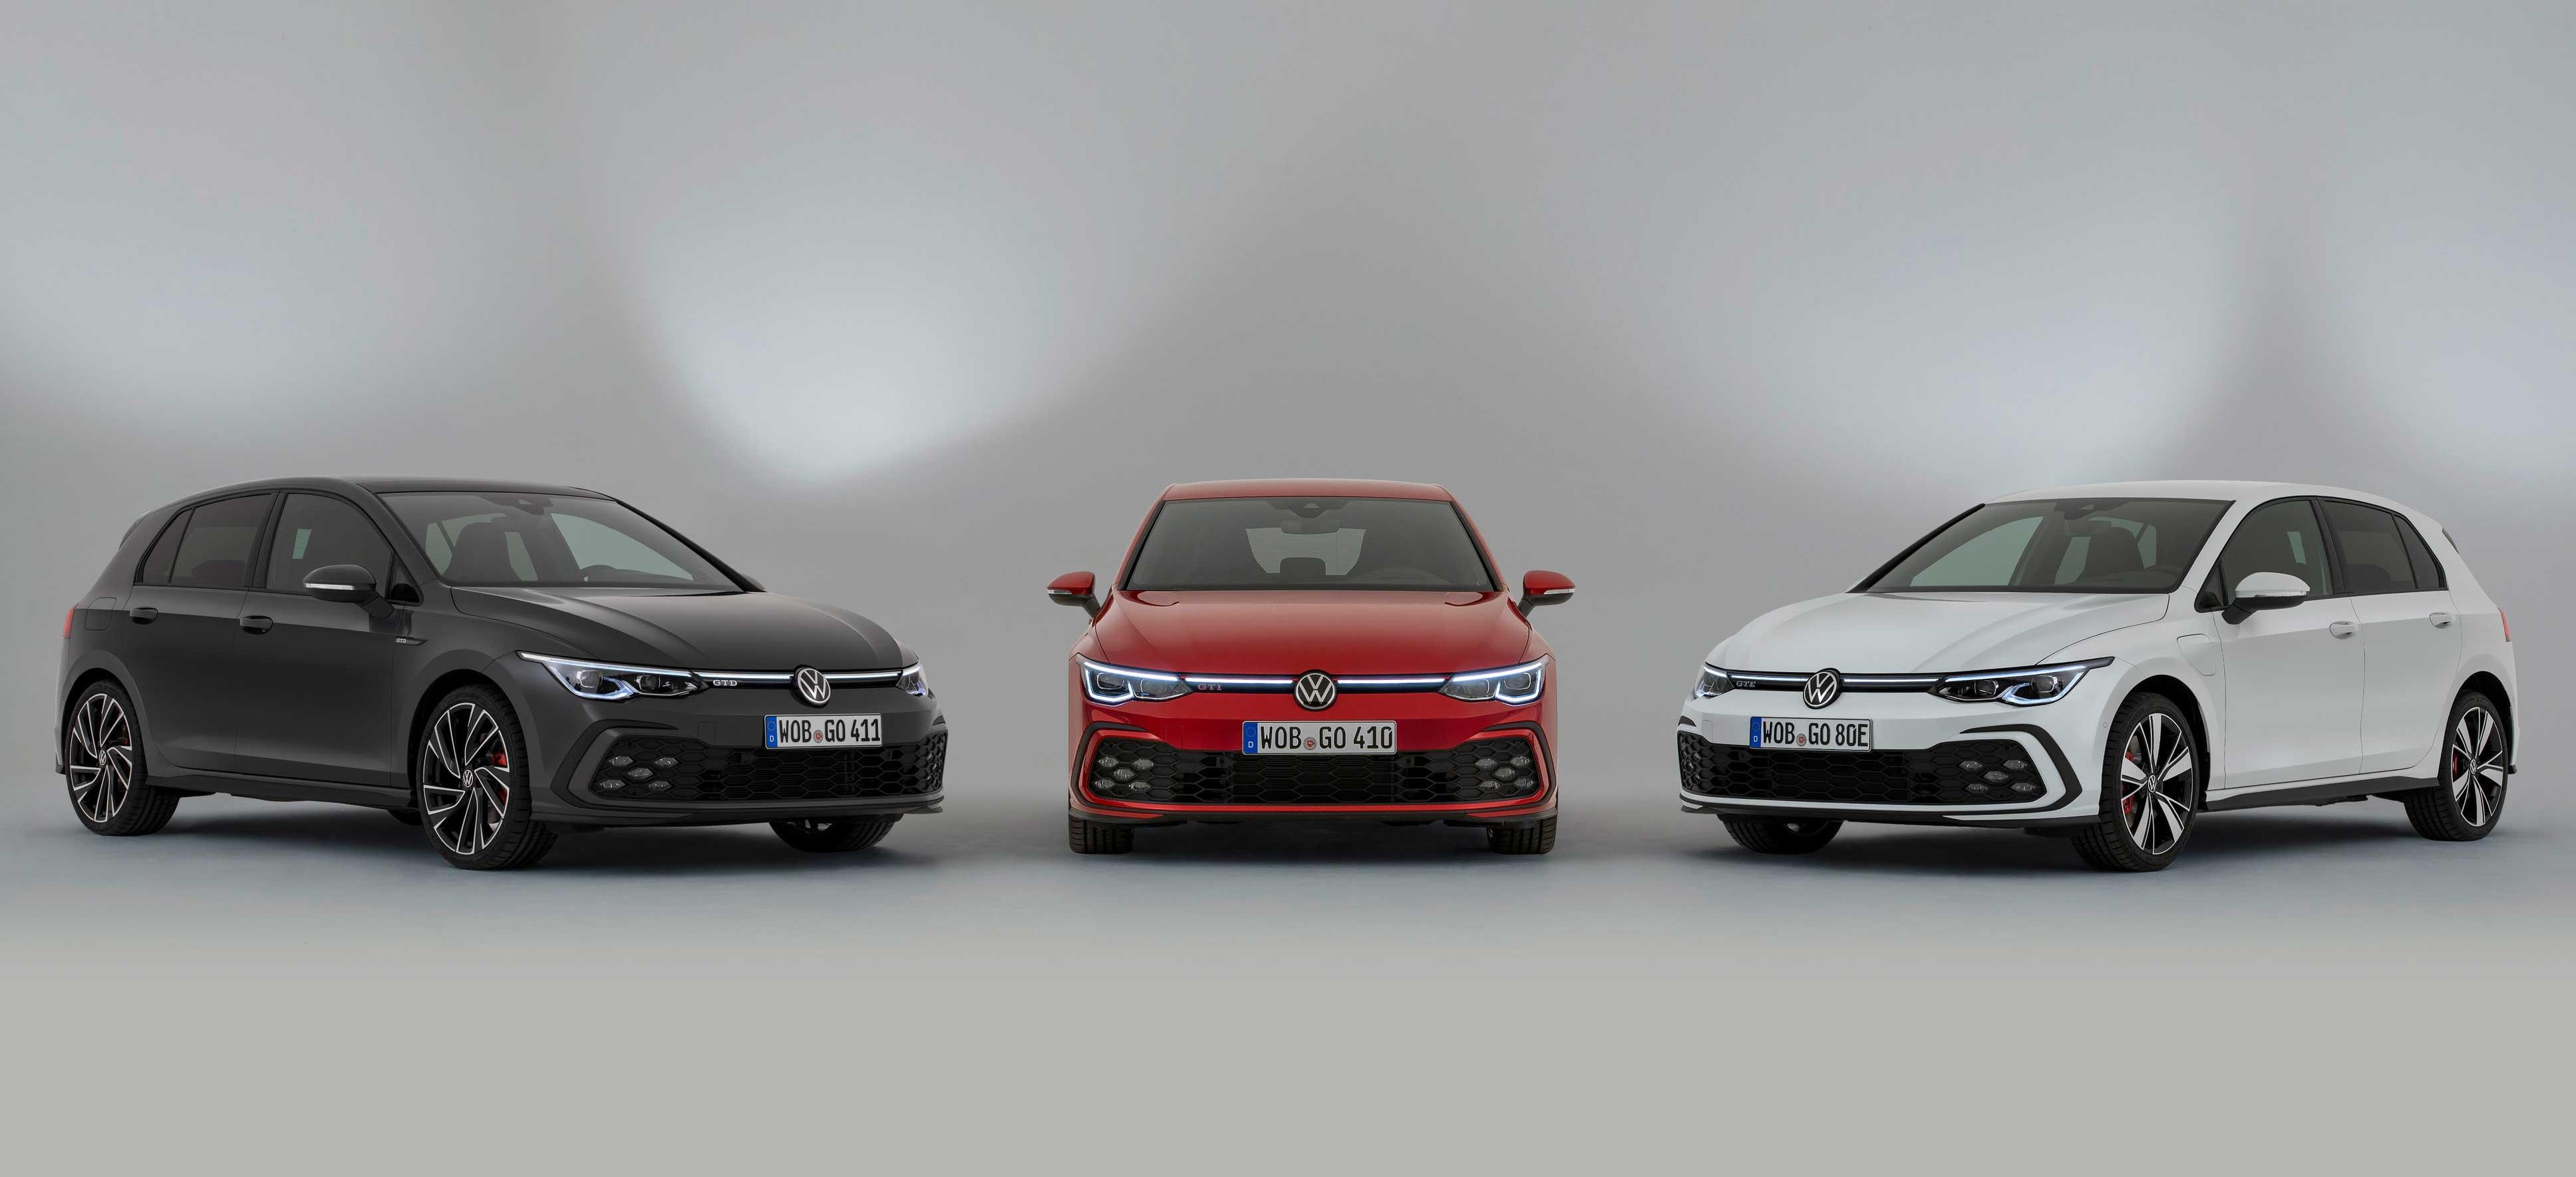 VW Golf 8 GTI, GTD und GTE, Halbseitenansicht von vorne und Frontansicht, stehend, grau/weiß/rot